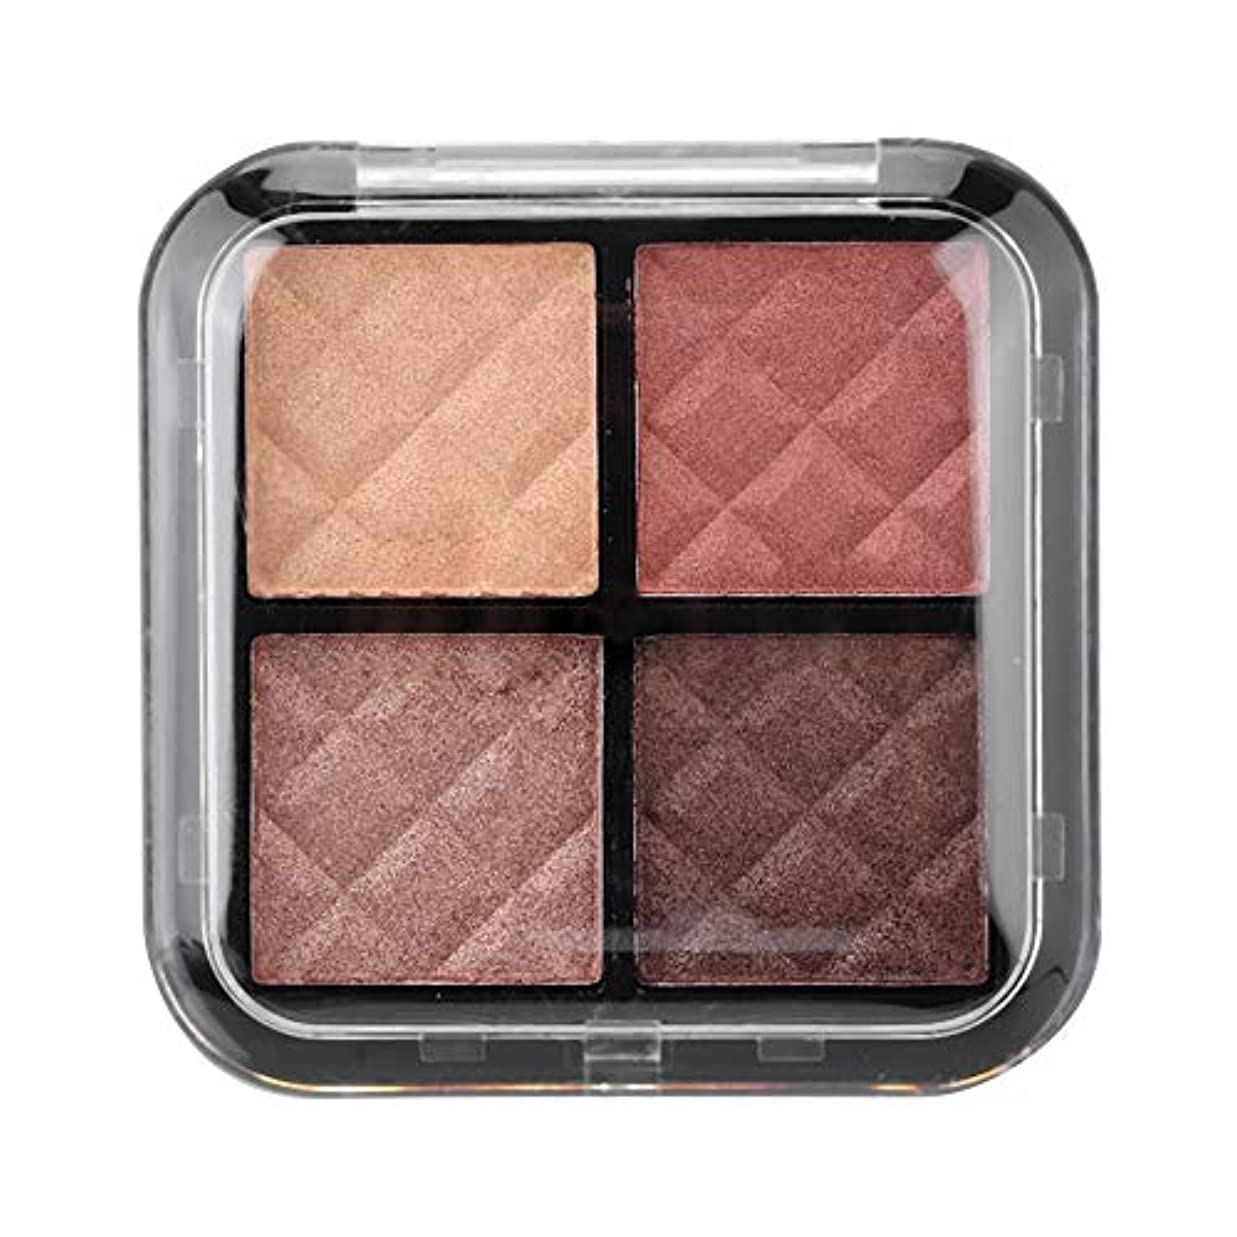 ブラザーインフルエンザボーダーアイシャドウパレット 4色 化粧マット 化粧品ツール グロス アイシャドウパウダー(01)